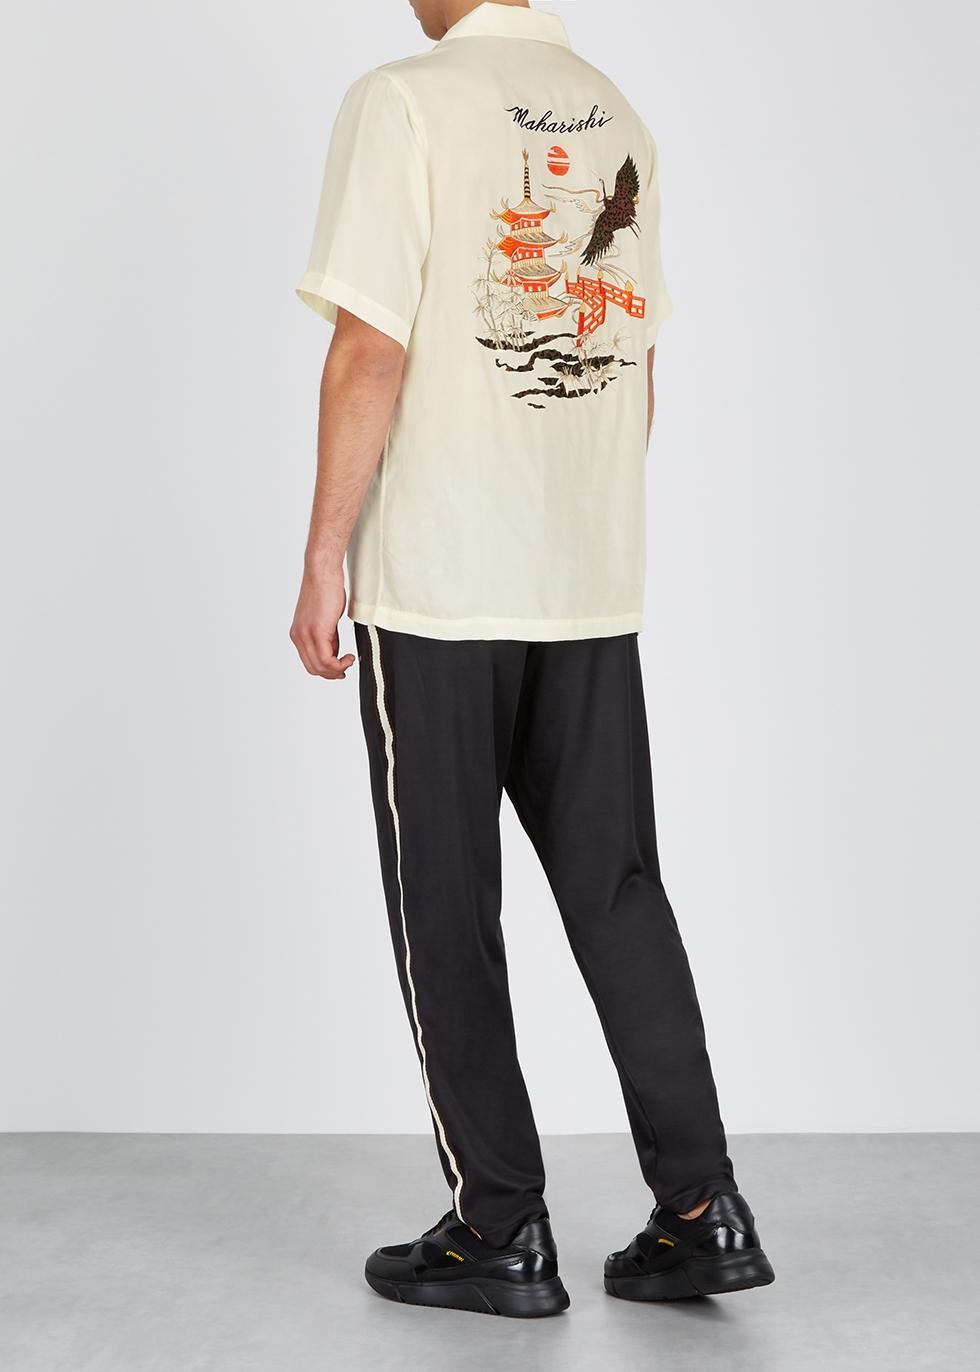 Crane embroidered cream silk shirt - maharishi